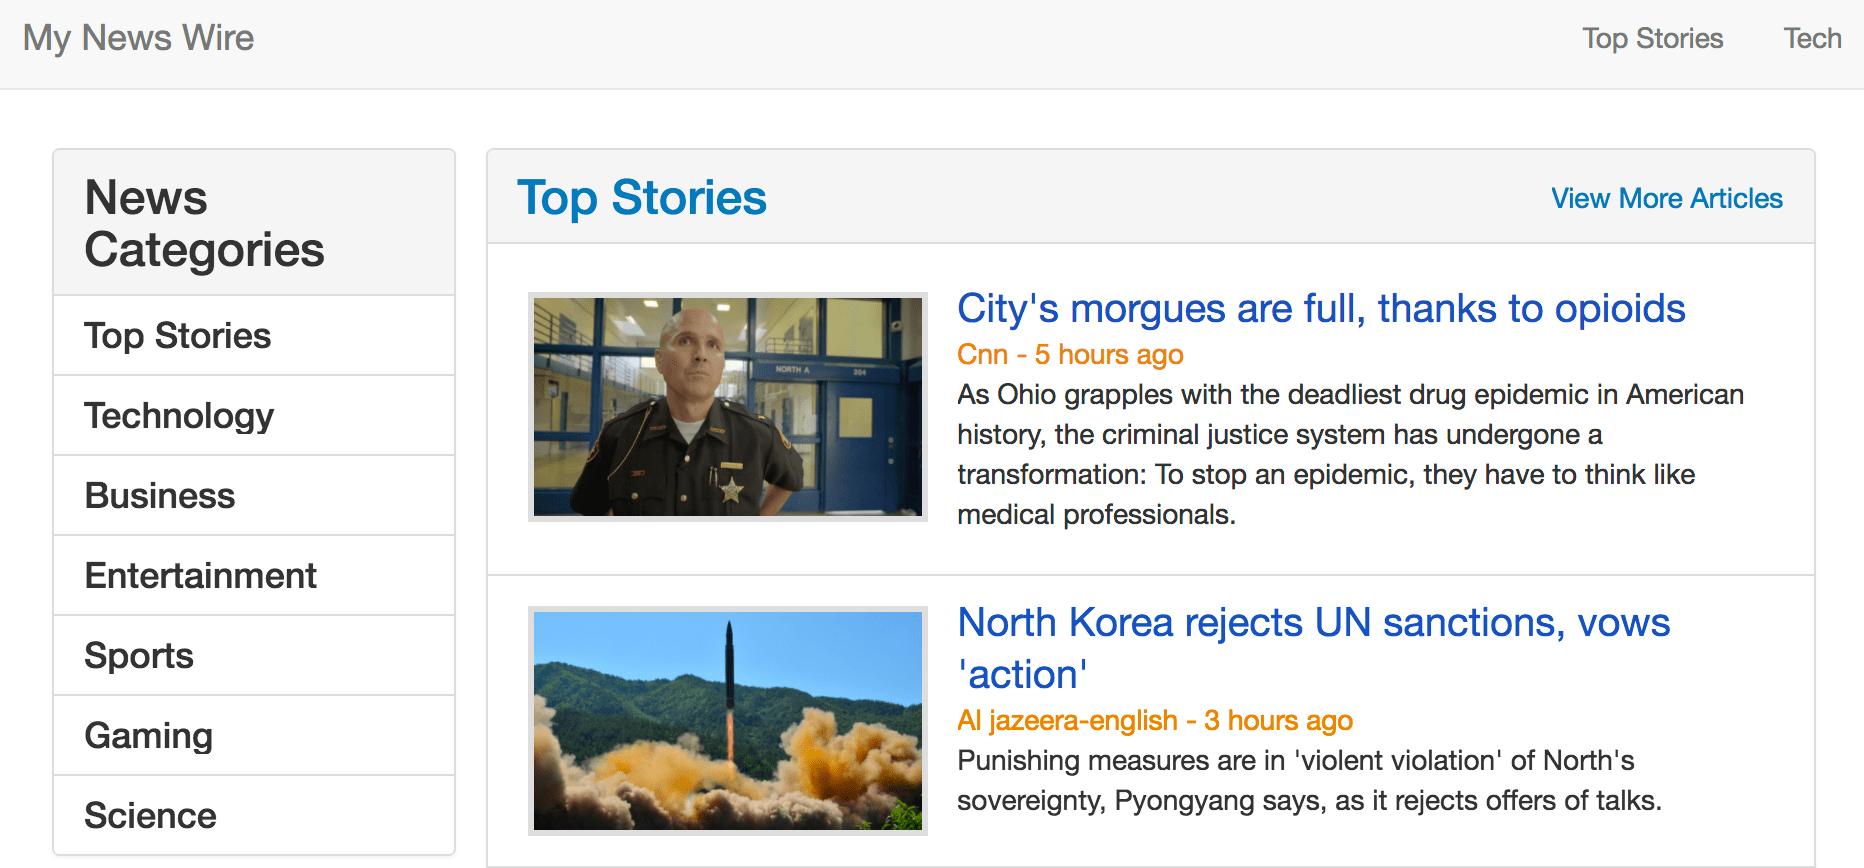 Mynewswire.com